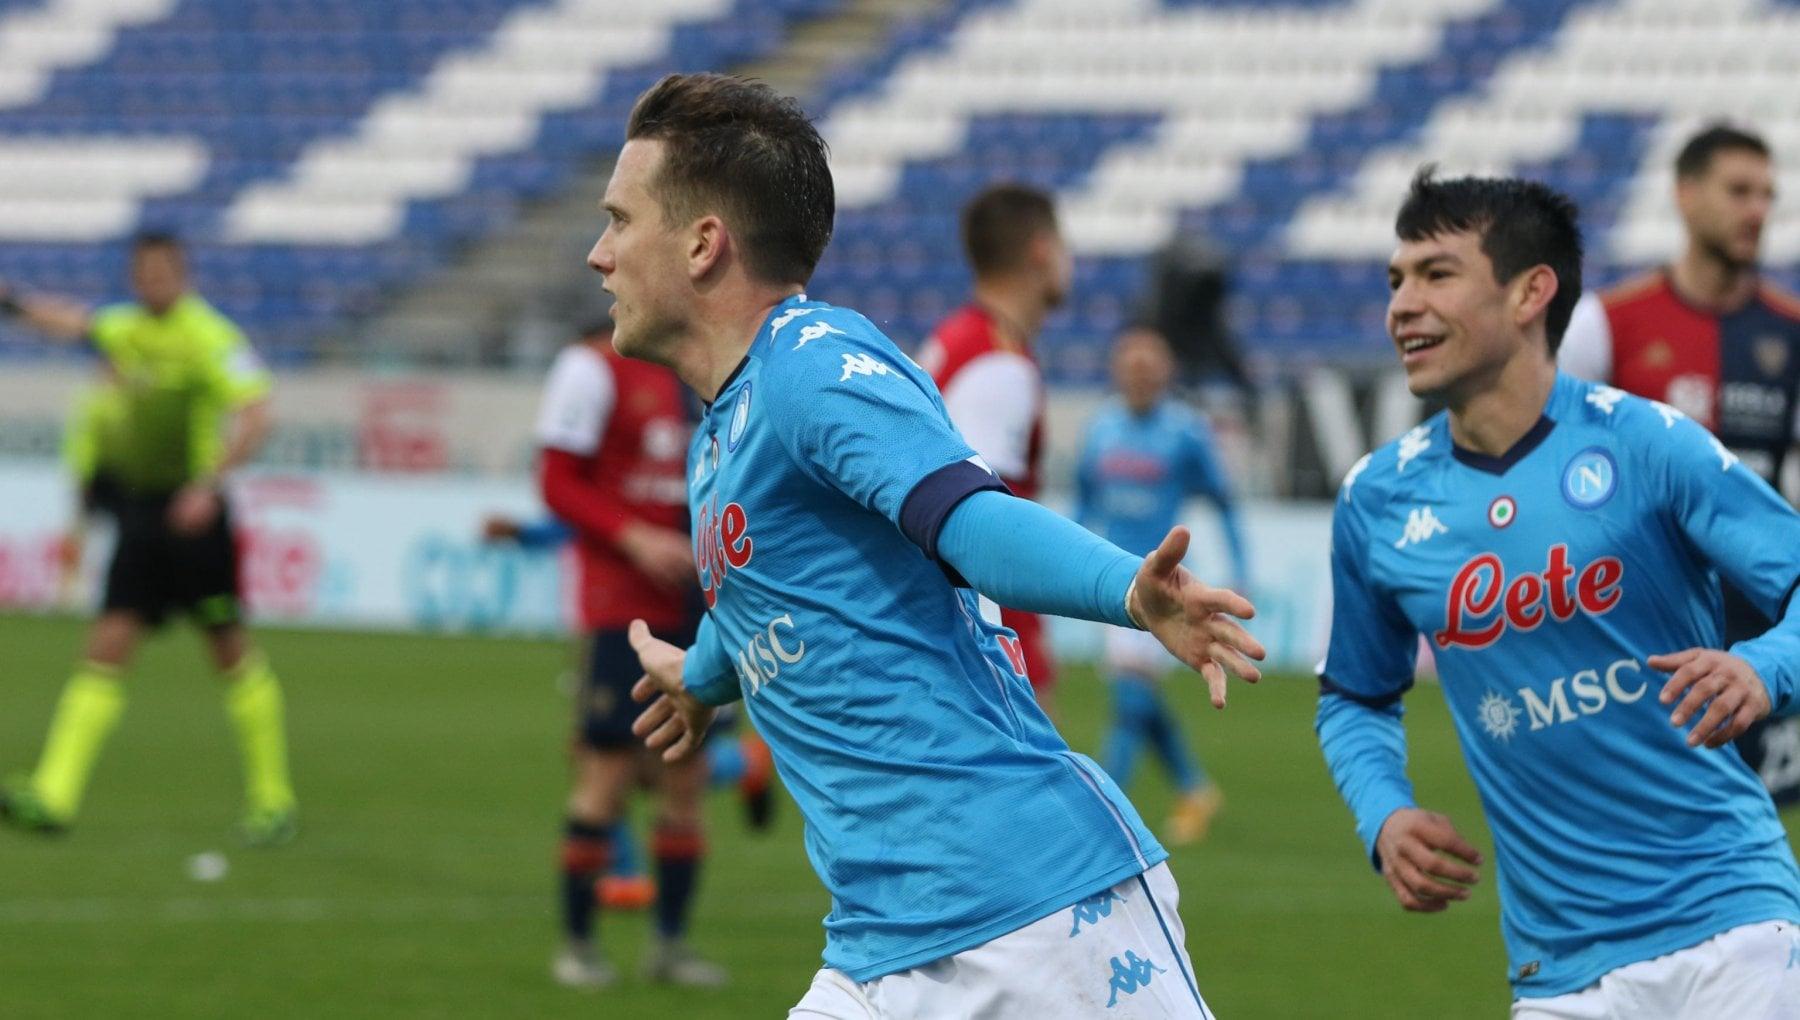 Cagliari-Napoli 1-4, super Zielinski trascina gli azzurri al debutto nel 2021